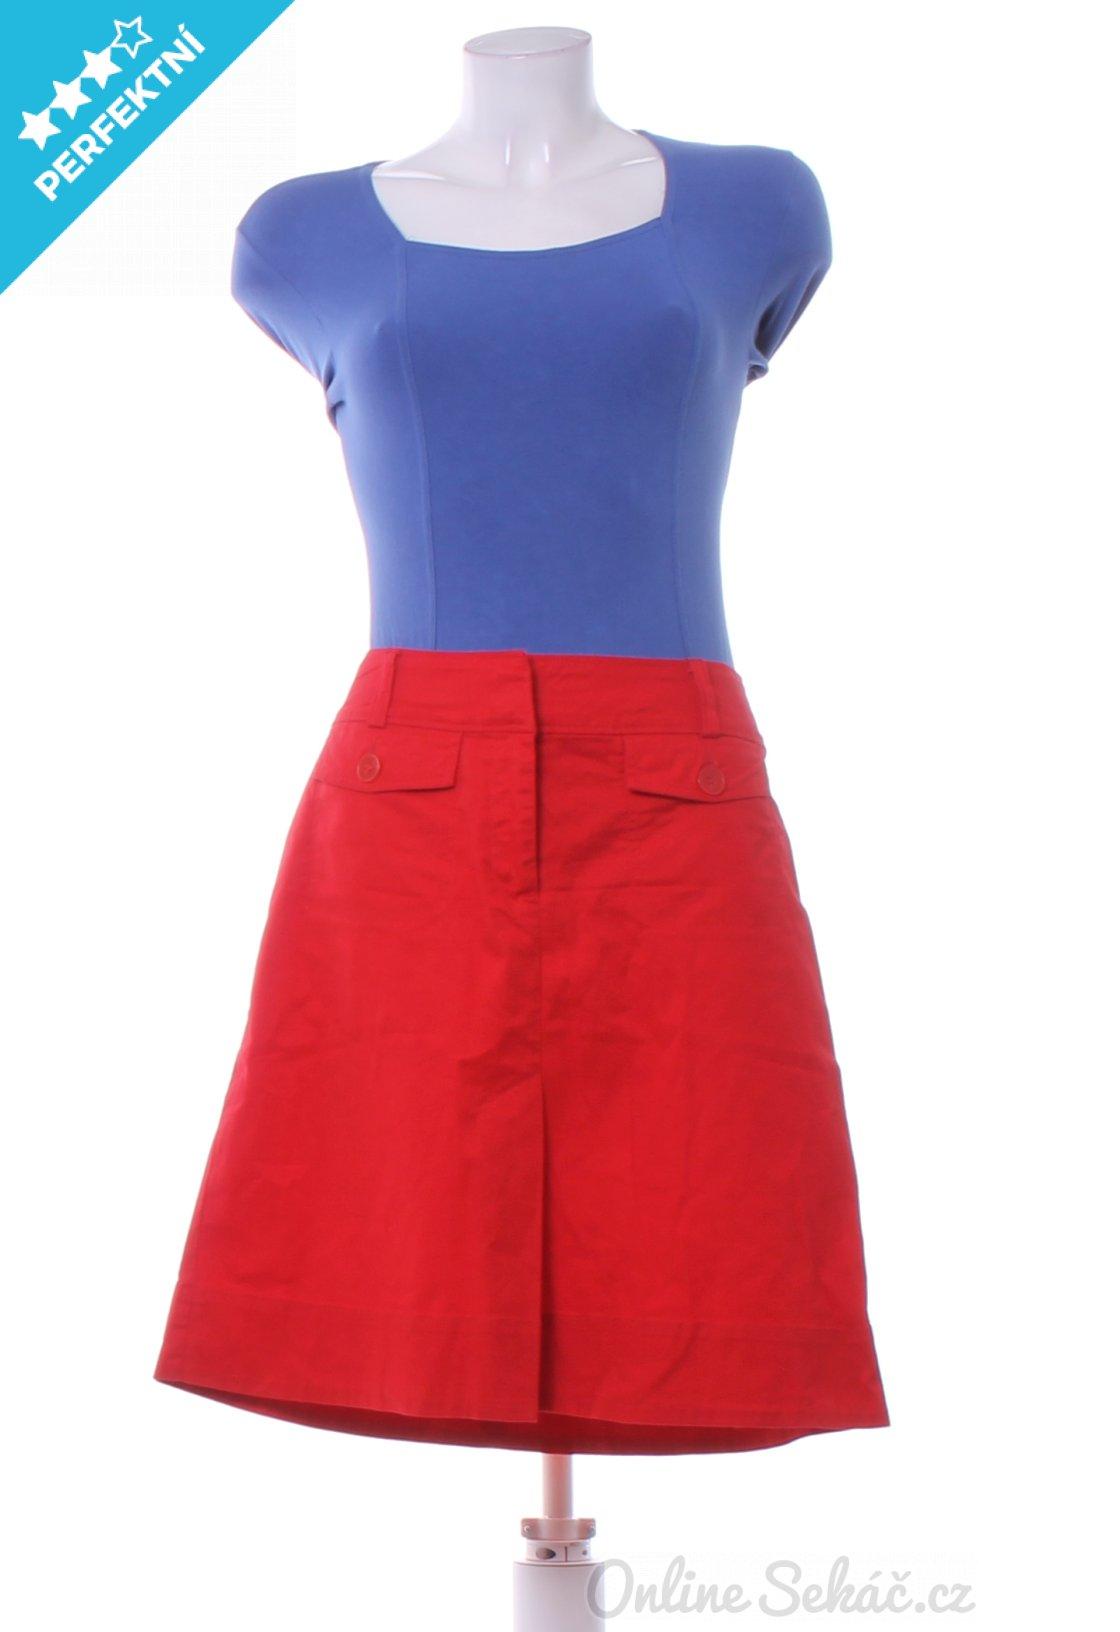 65b44676866 Second hand - Vzor  JEDNOBAREVNÝ   Dámská sukně ke kolenům H M M ...